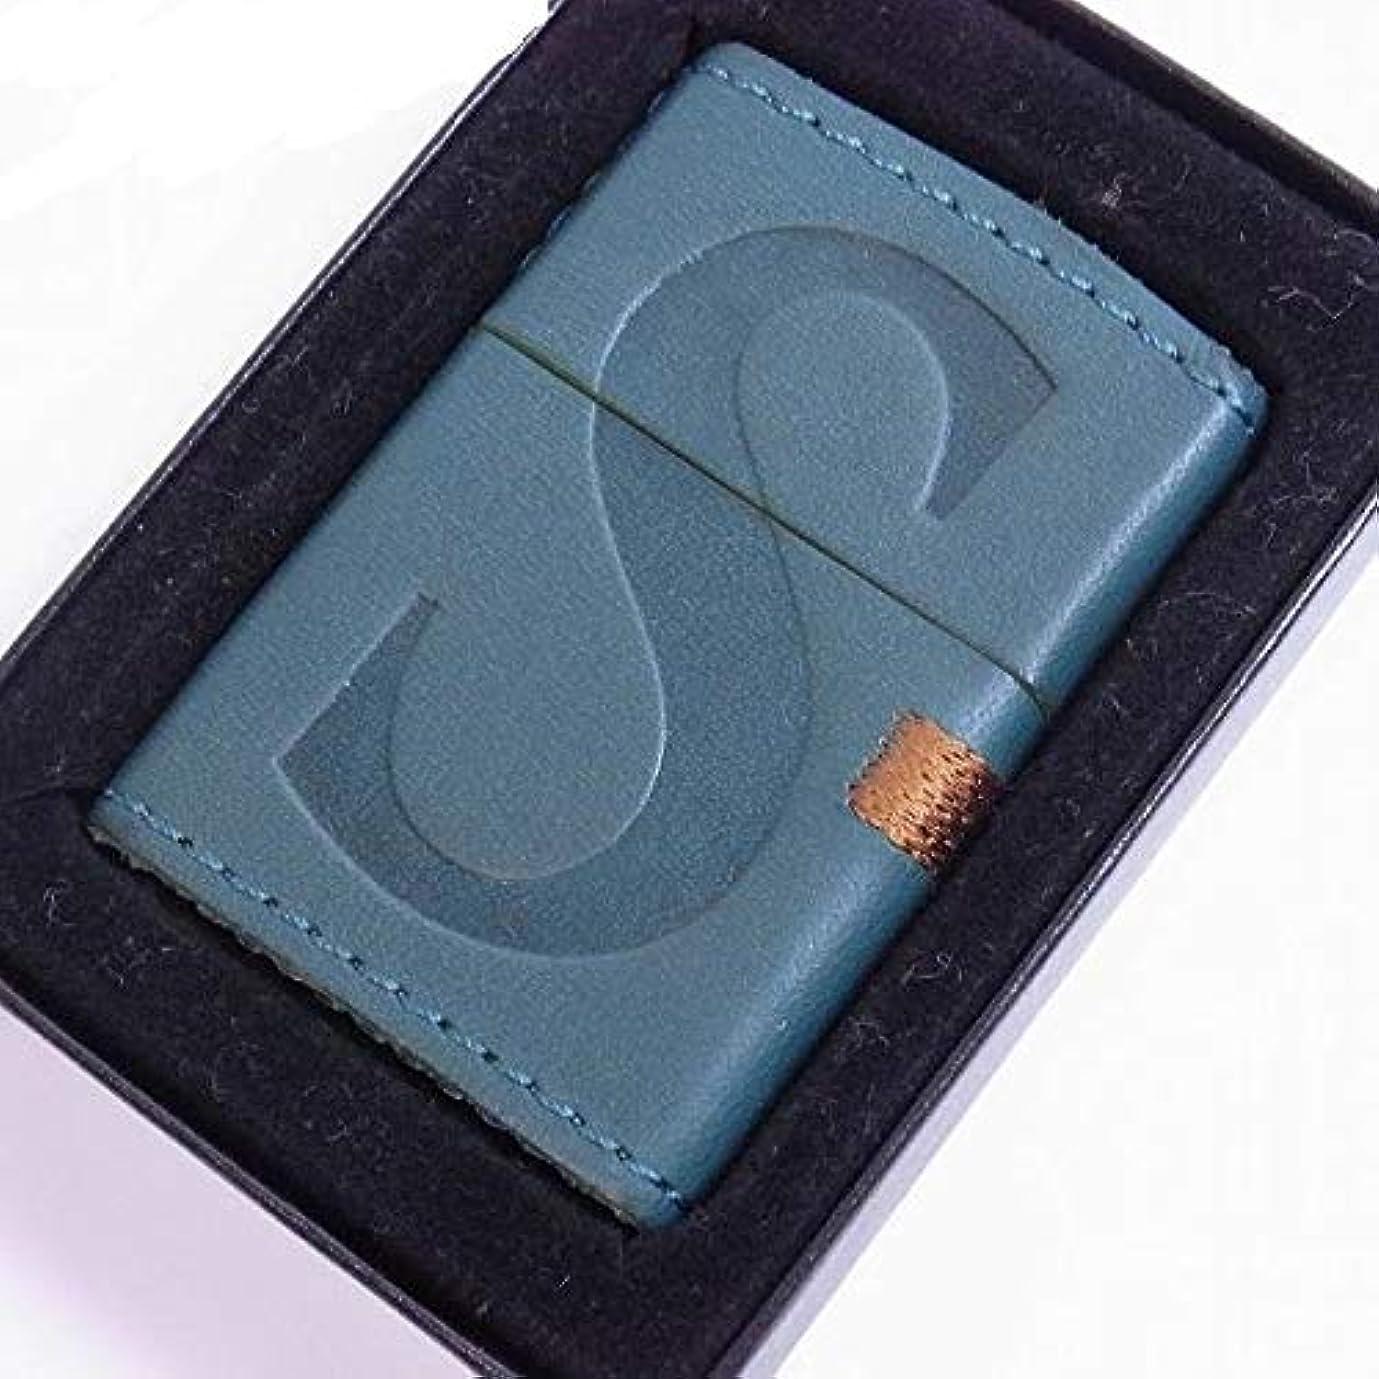 ピアエンドウサンダースZIPPO (ジッポー) セブンスター Seven Stars 革巻き 緑 2008年製造 茶刺繍 限定100個